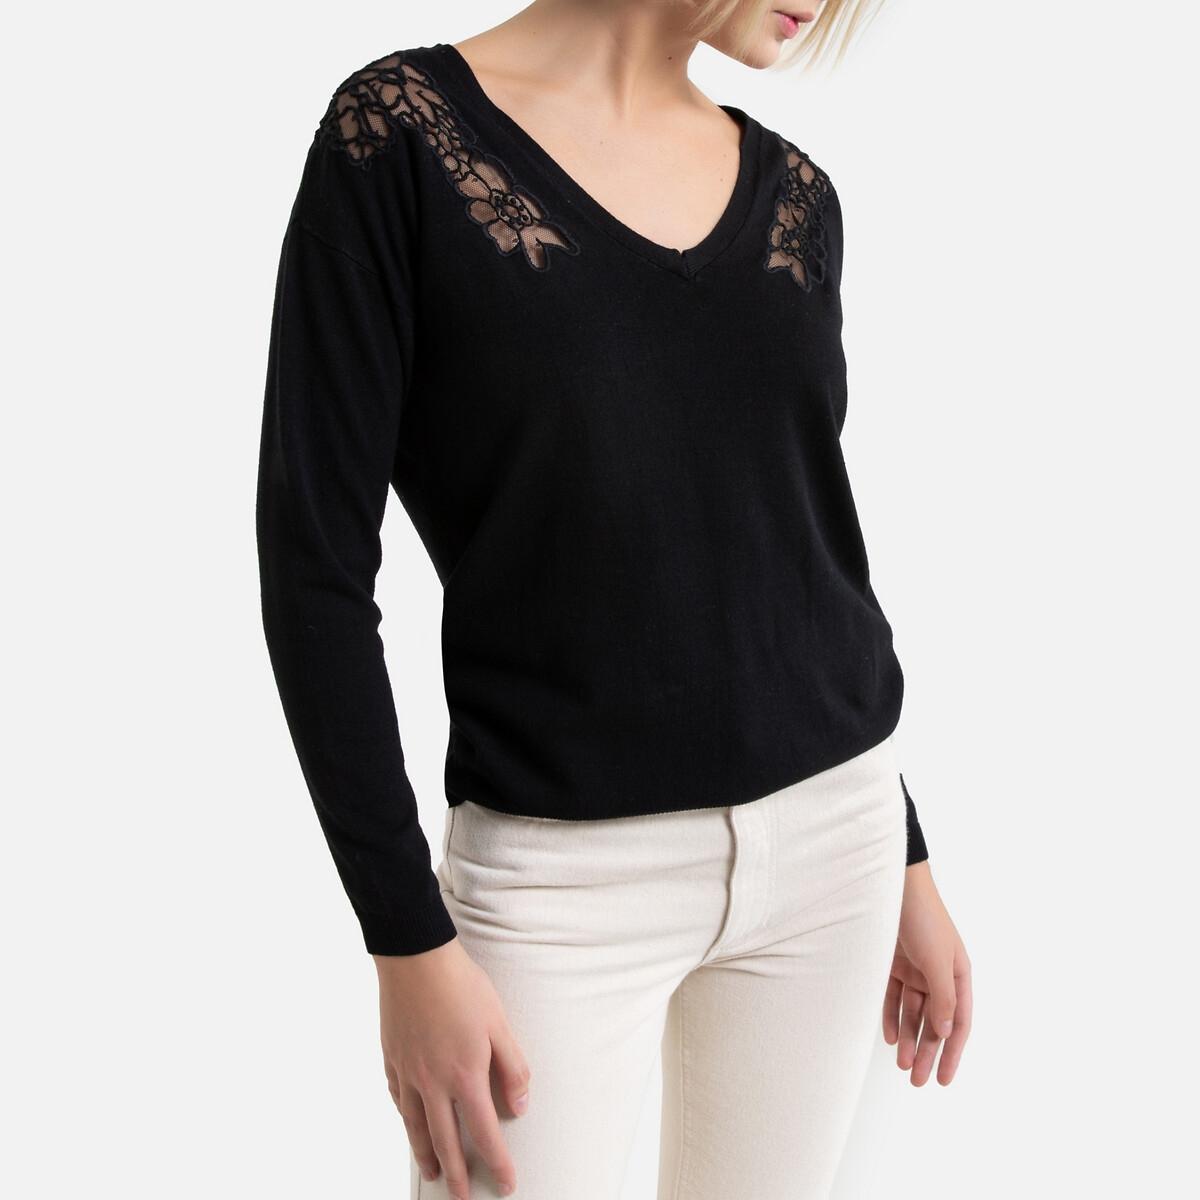 Пуловер La Redoute С v-образным вырезом из тонкого трикотажа с кружевом S черный пуловер la redoute с v образным вырезом из тонкого витого трикотажа m каштановый